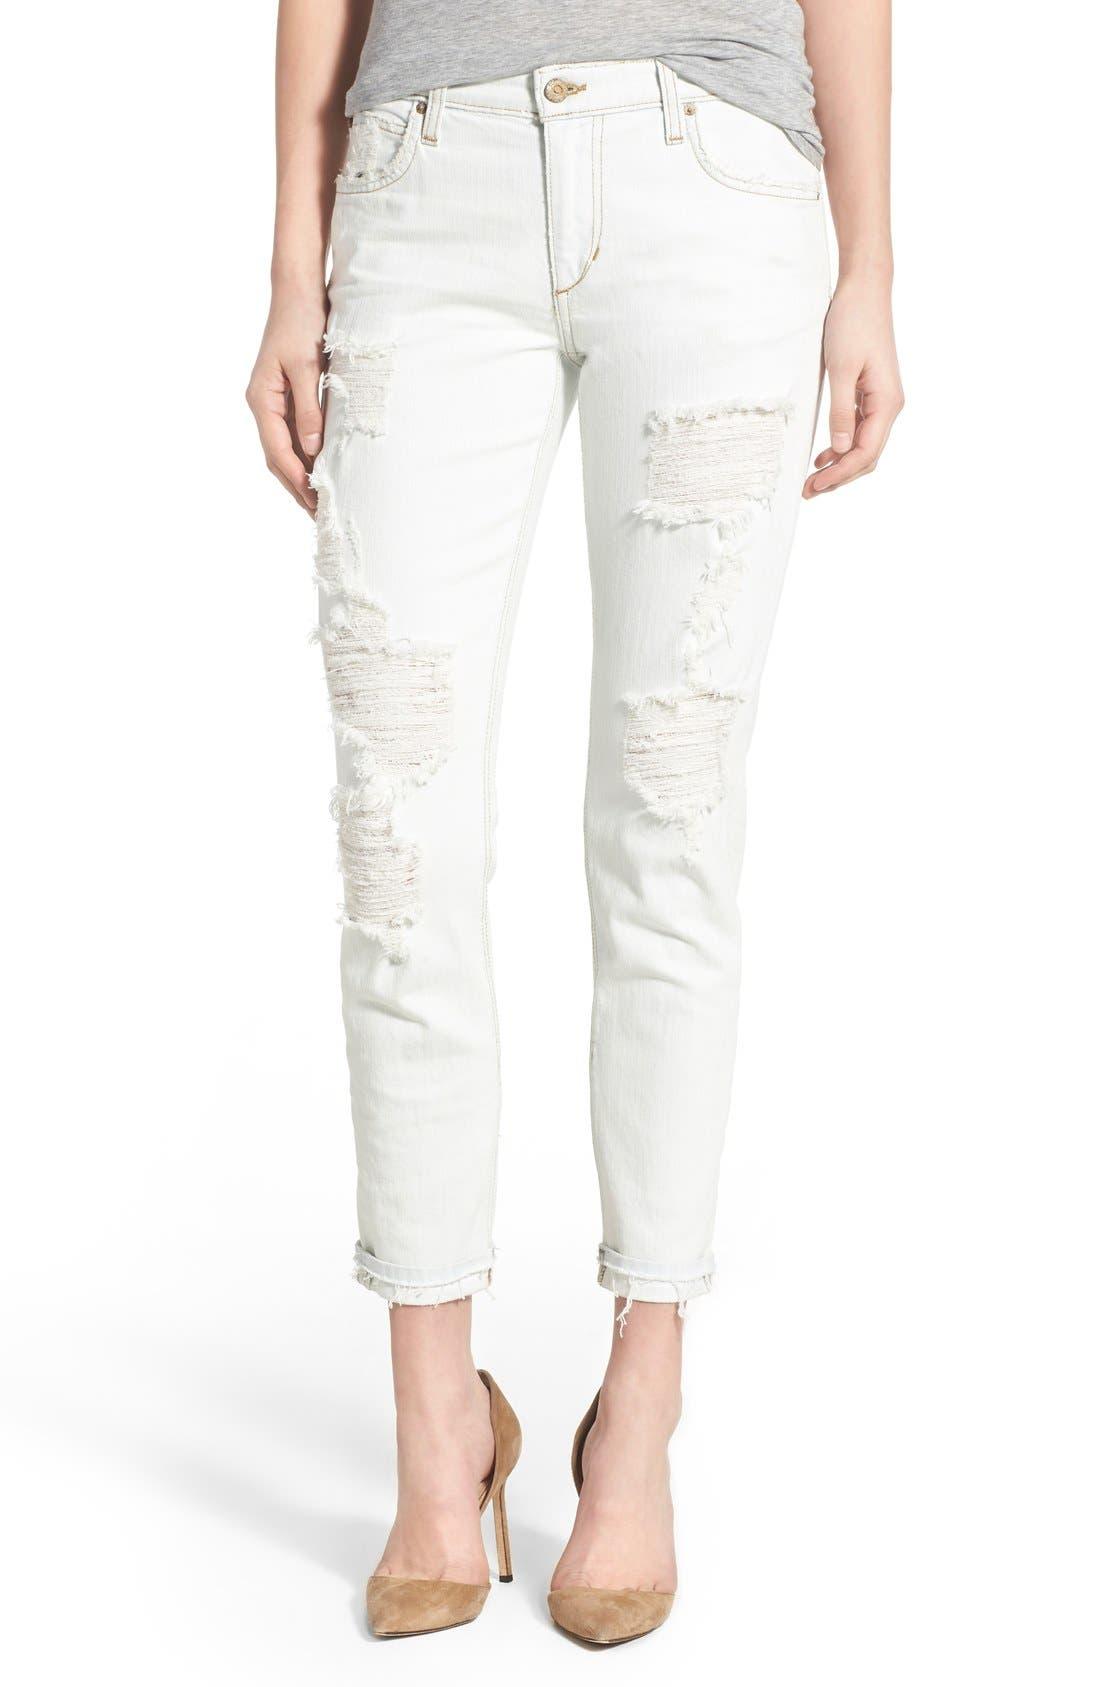 JOE'S 'Collector's - Billie' Ankle Slim Boyfriend Jeans, Main, color, 100